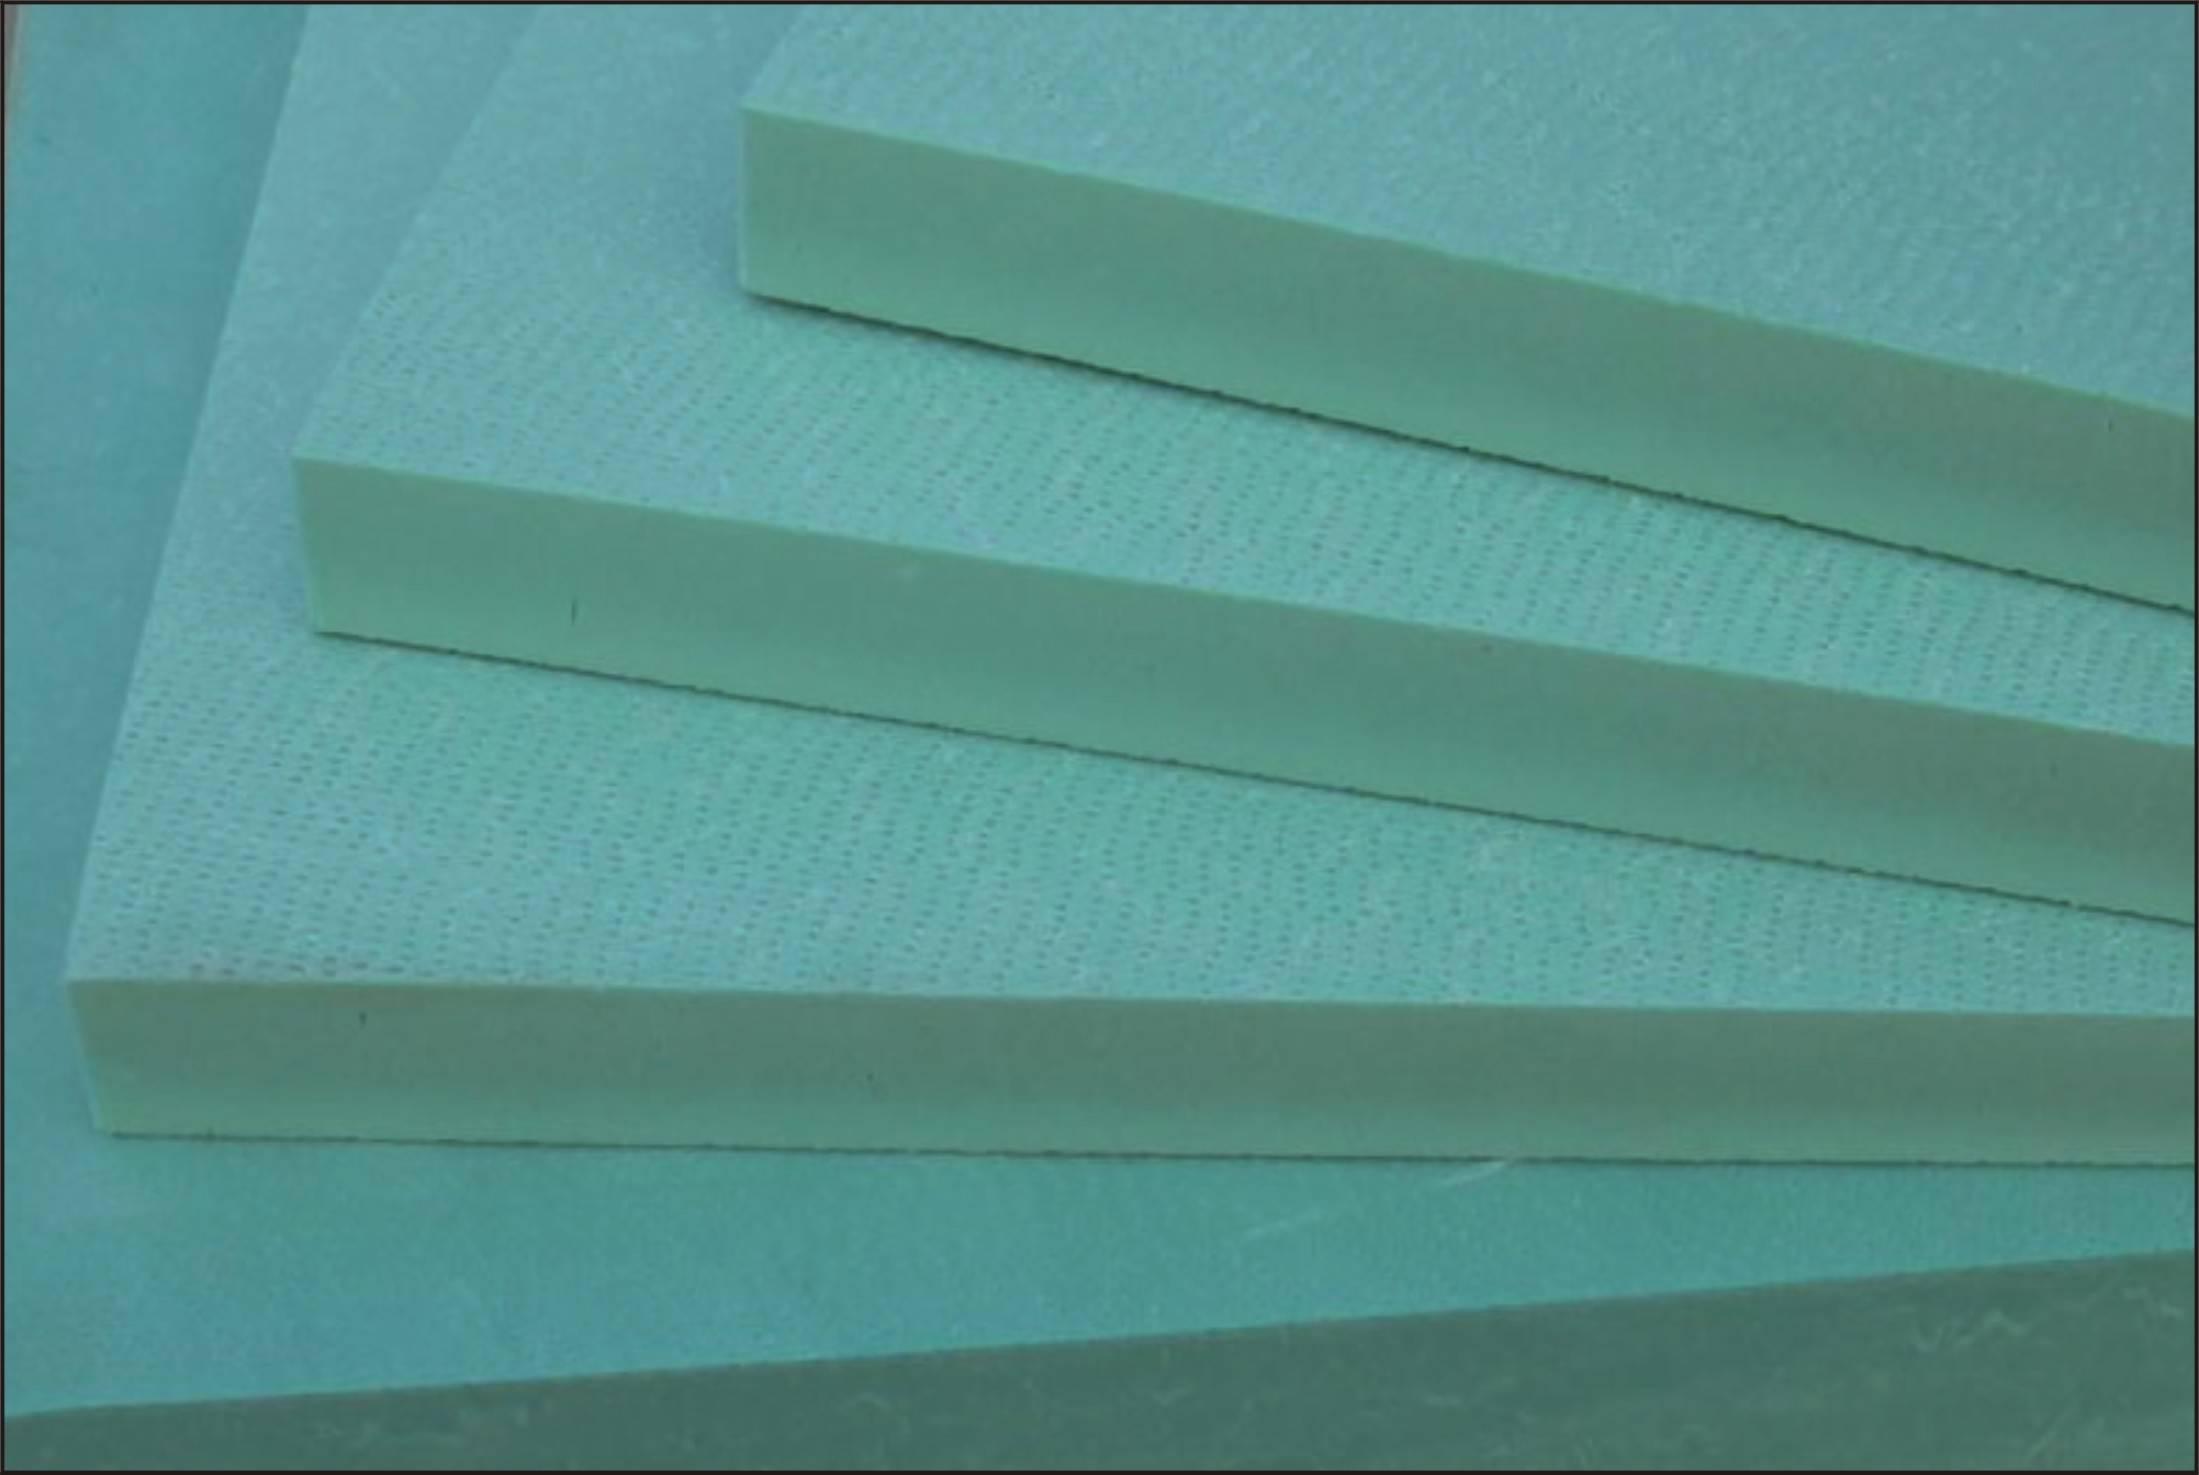 濟南擠塑板零售-青島有信譽度的擠塑板提供商